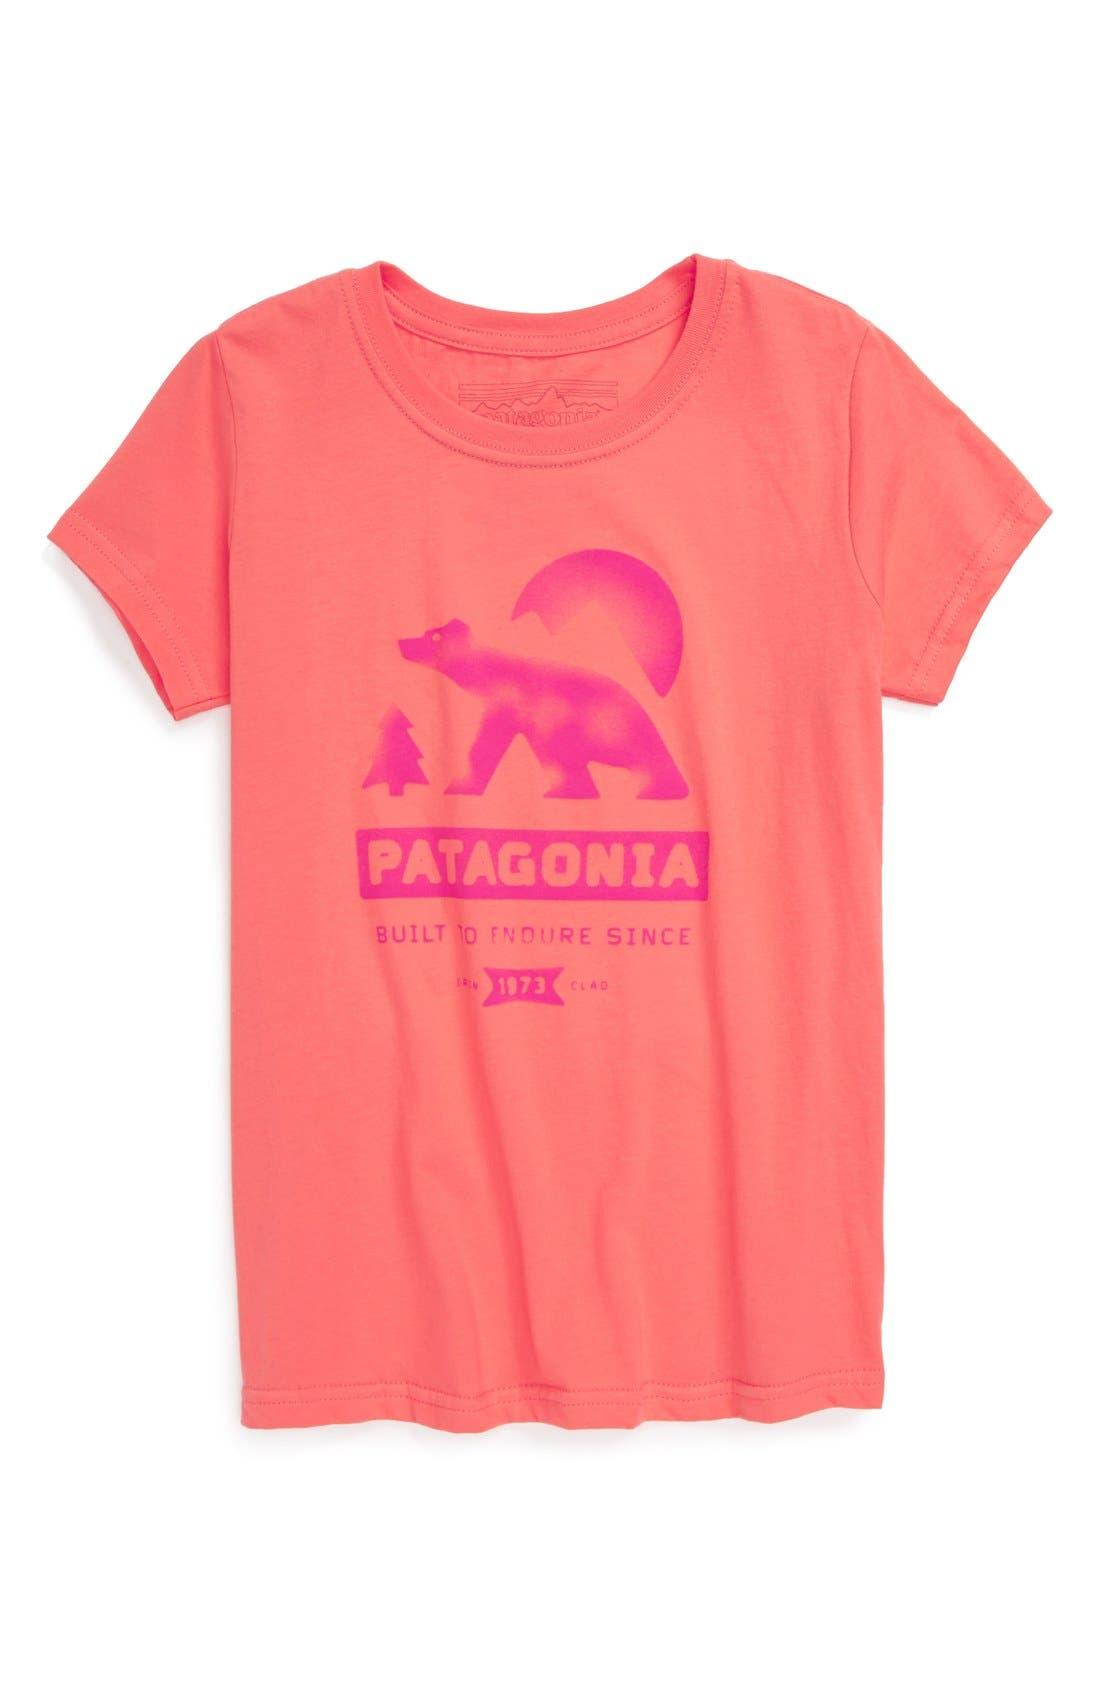 Main Image - Patagonia 'Bear Moon' Organic Cotton Tee (Big Girls)(Online Only)